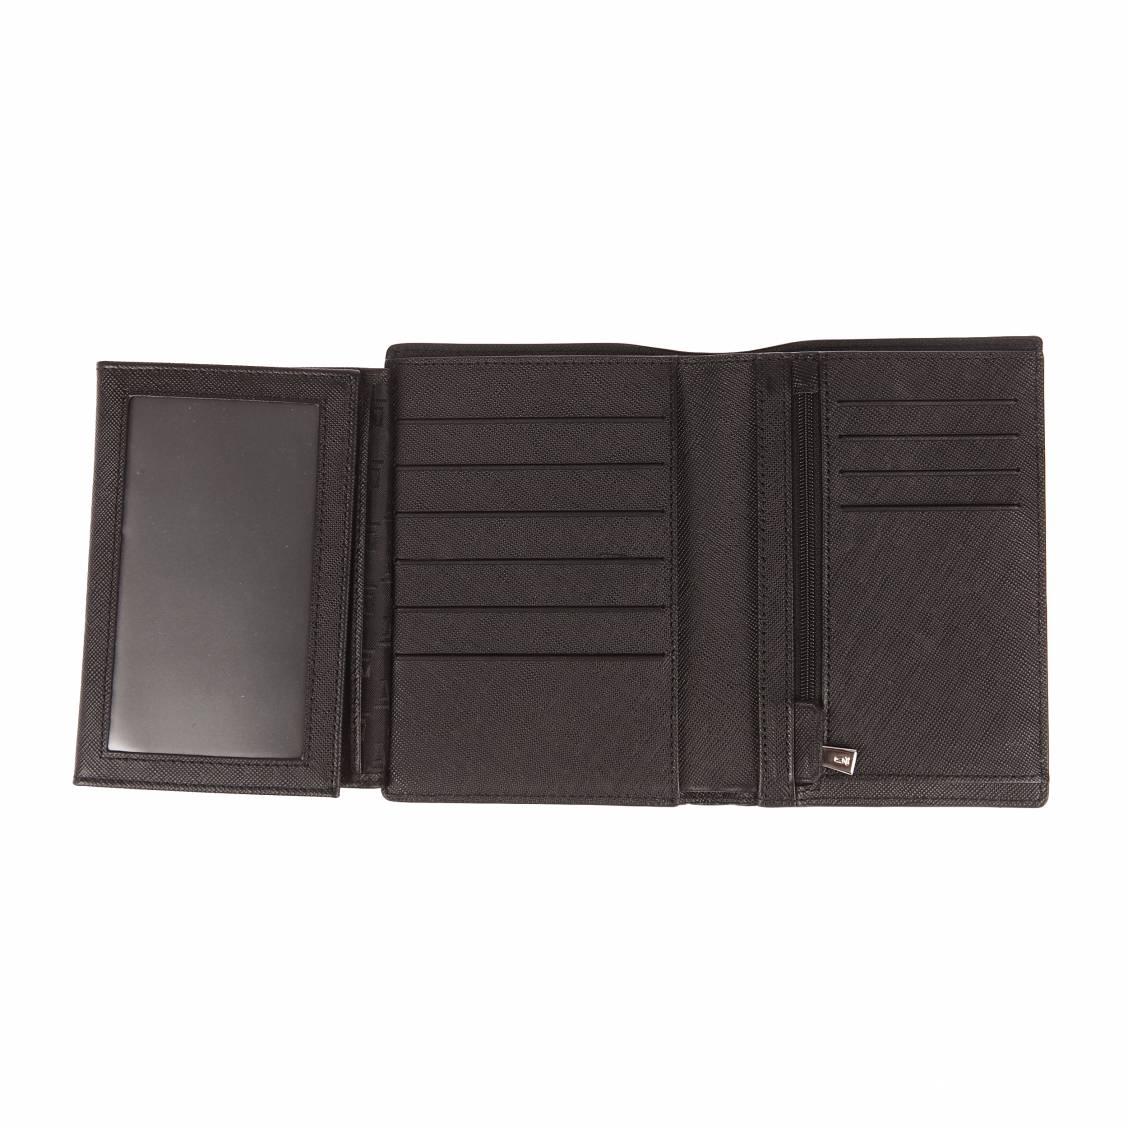 ... Portefeuille européen 4 volets Azzaro Lawless en cuir de vachette  imprimé saffiano noir ... 5467d1d1177